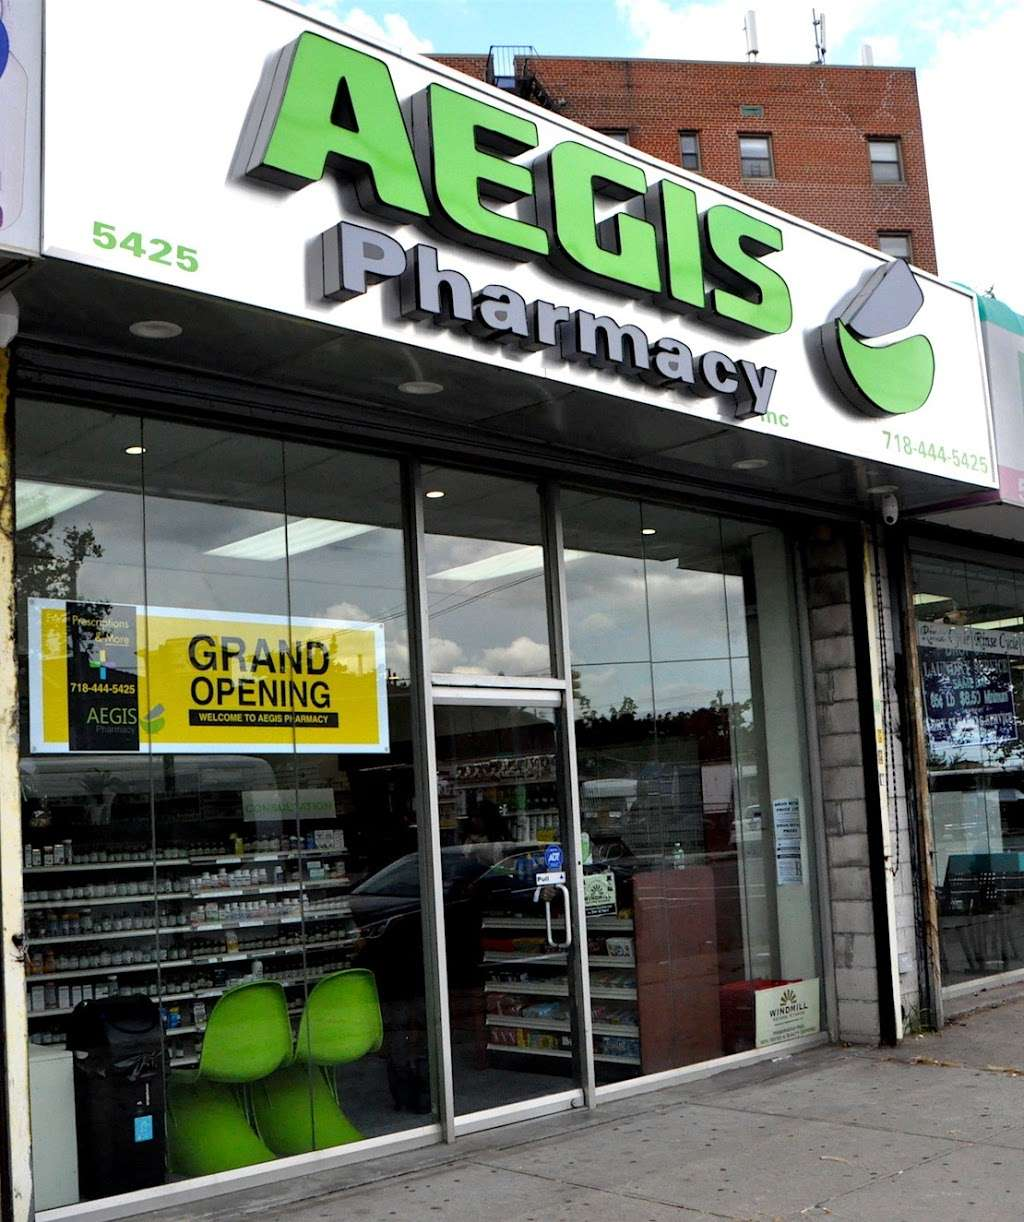 Aegis Pharmacy - pharmacy  | Photo 4 of 10 | Address: 5425 Flatlands Ave, Brooklyn, NY 11234, USA | Phone: (718) 444-5425